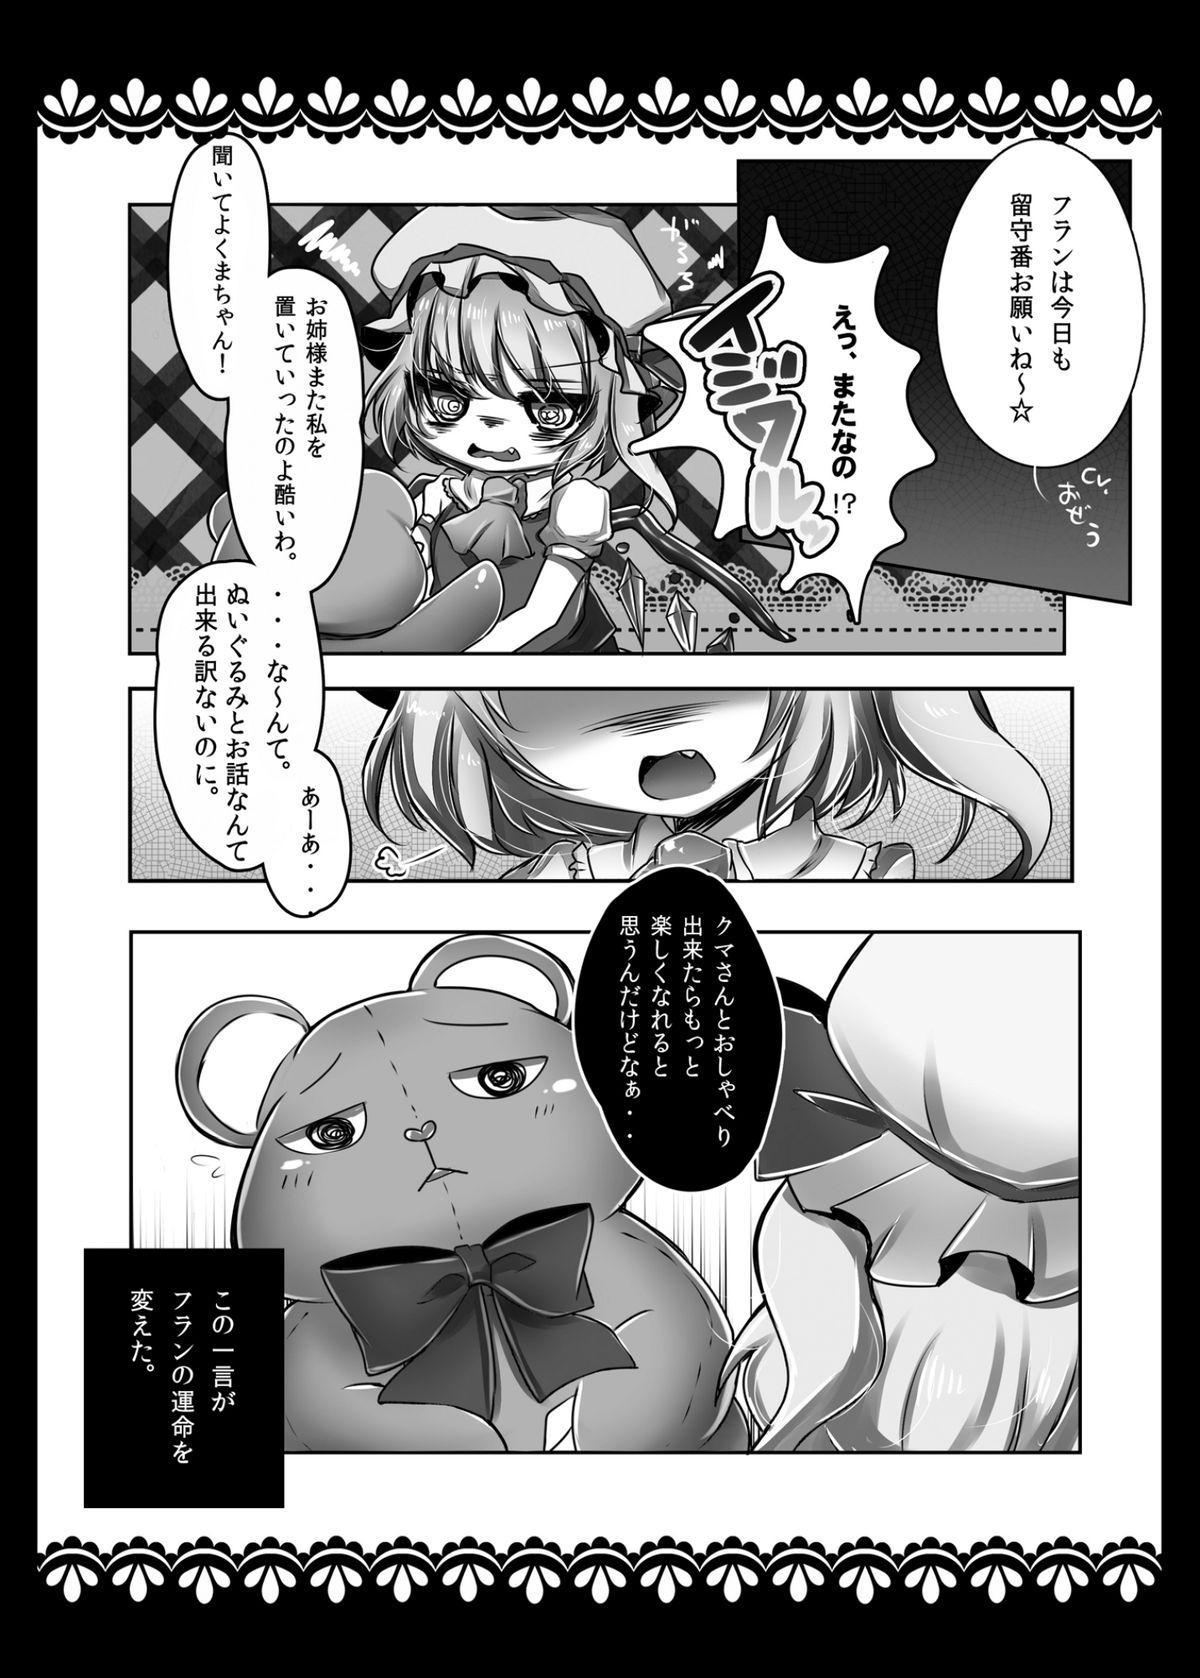 Stuffed Animal Paco 4